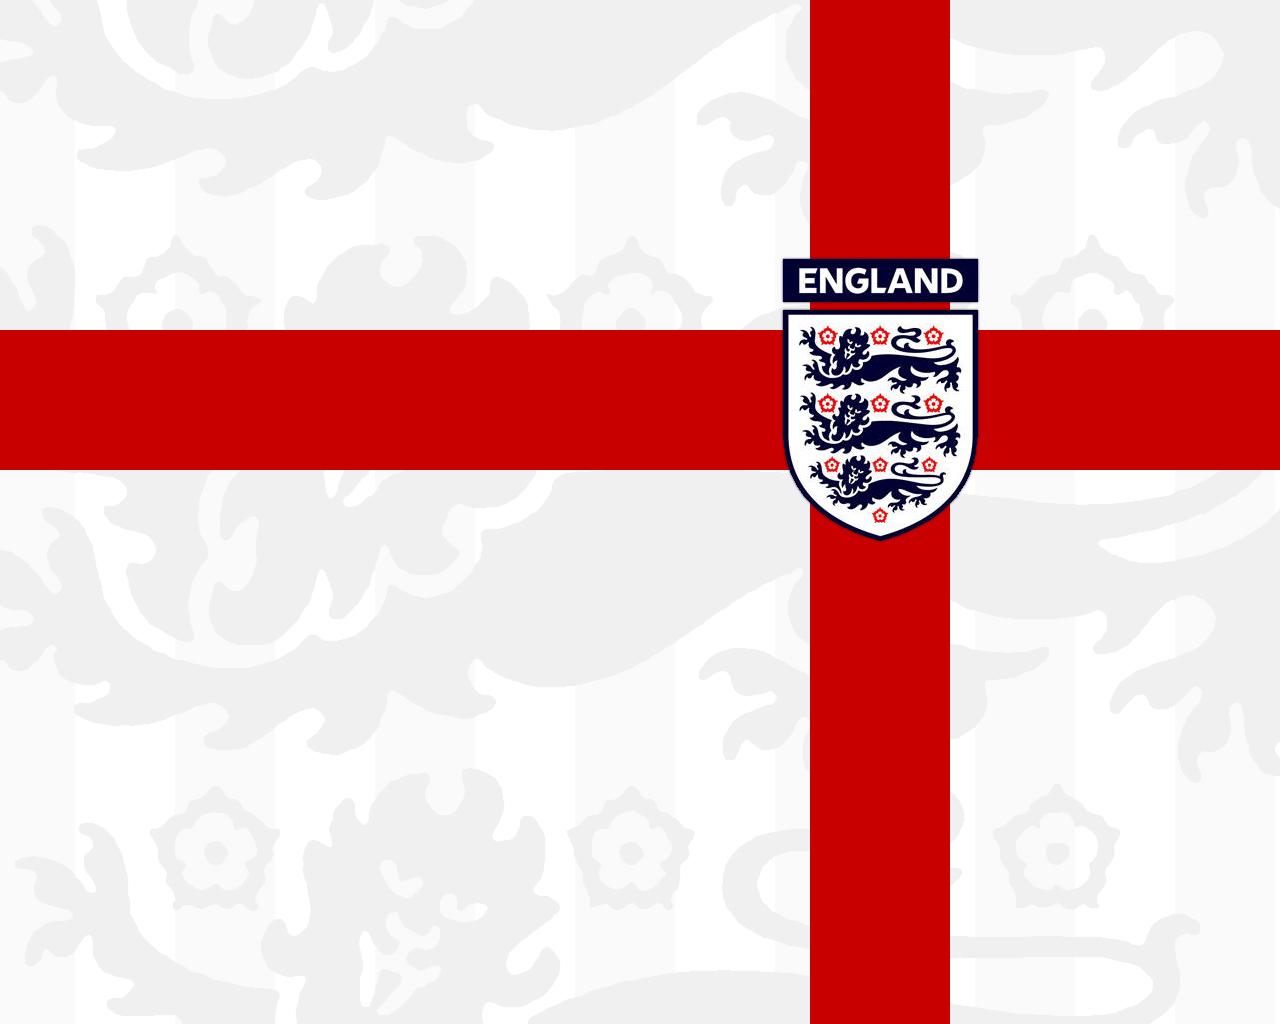 Windows Vista Wallpaper England National Football Team Wallpaper 1280x1024